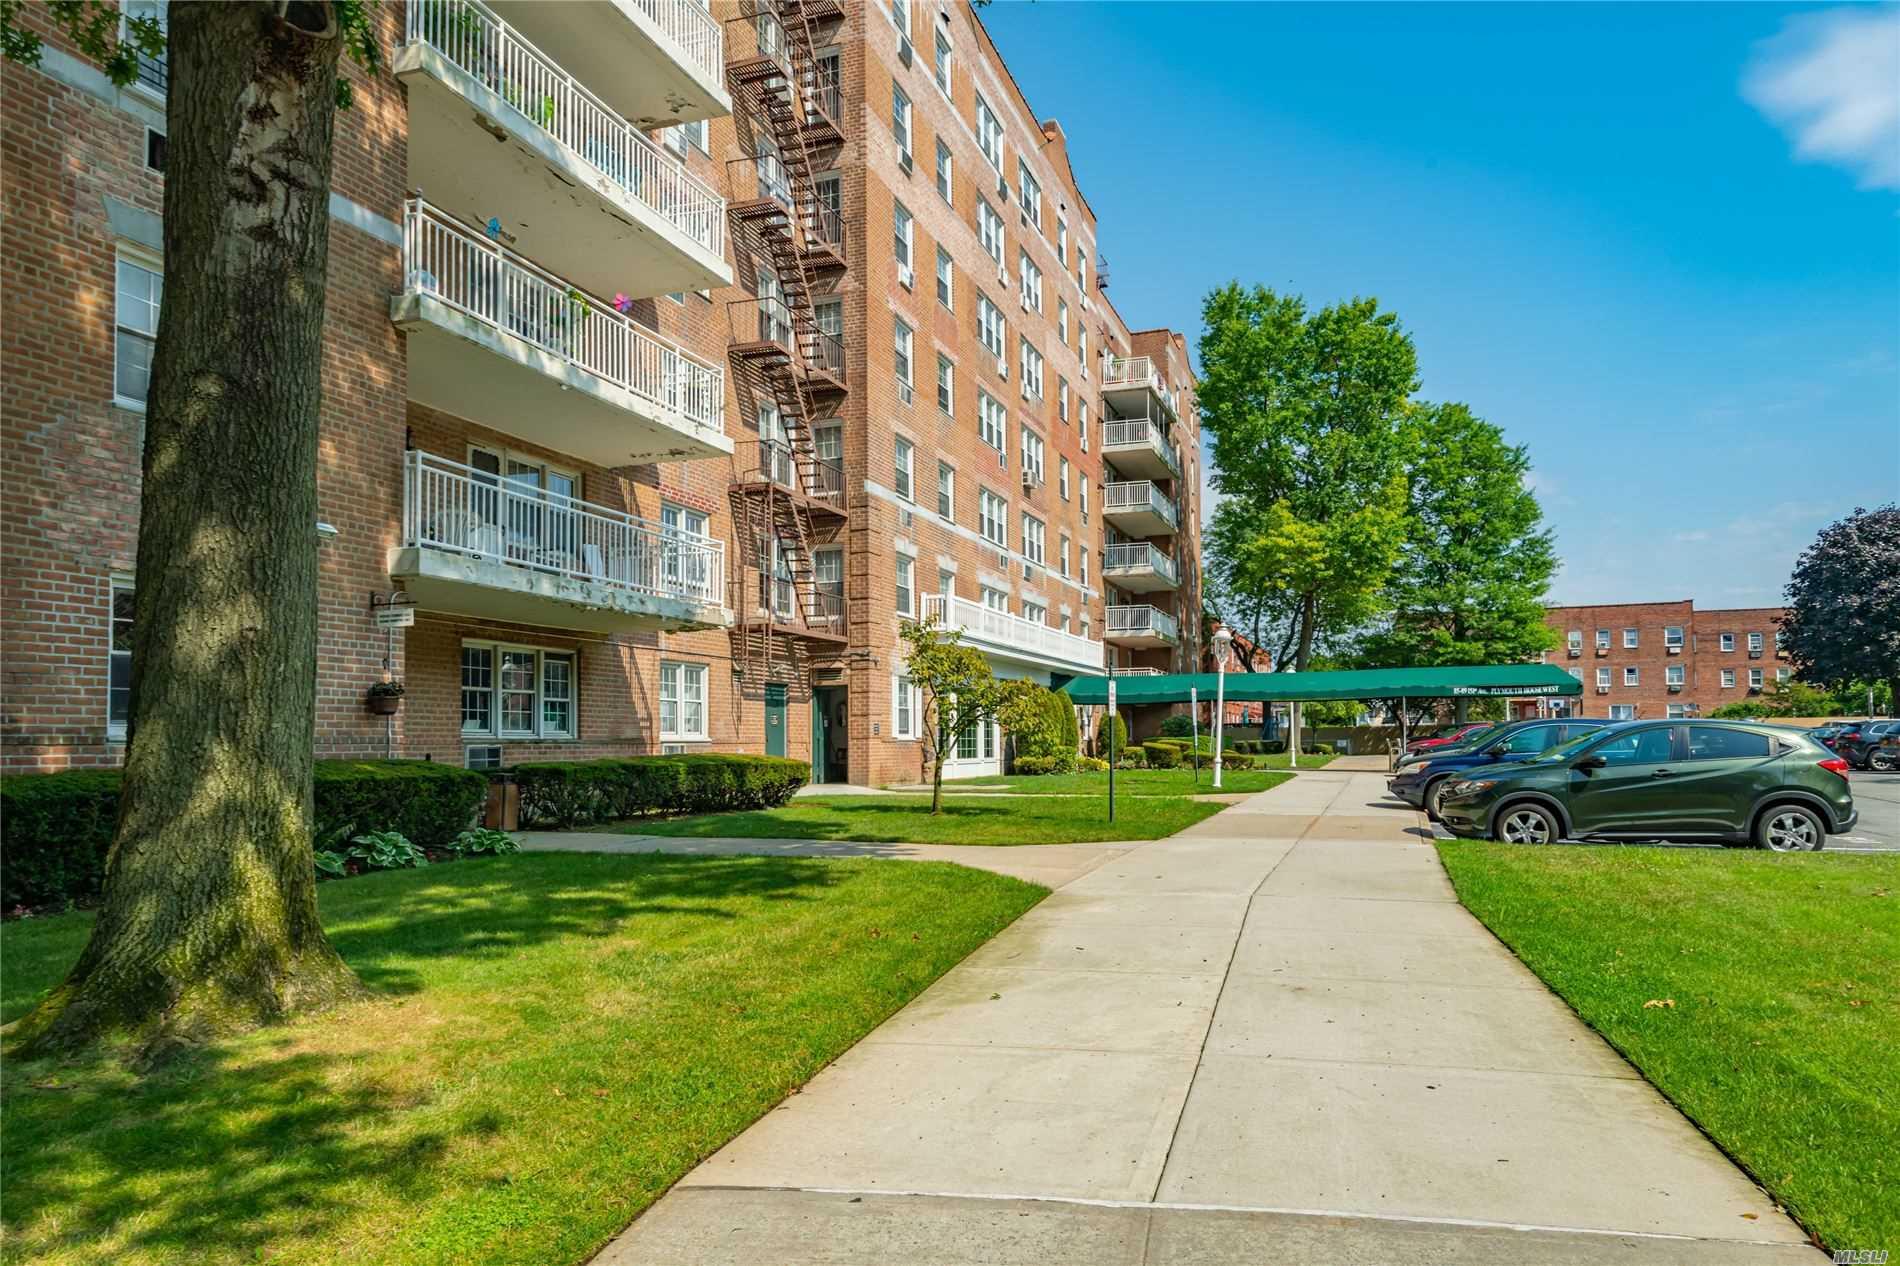 Property for sale at 85-09 151 Avenue # 6H, Howard Beach NY 11414, Howard Beach,  New York 11414